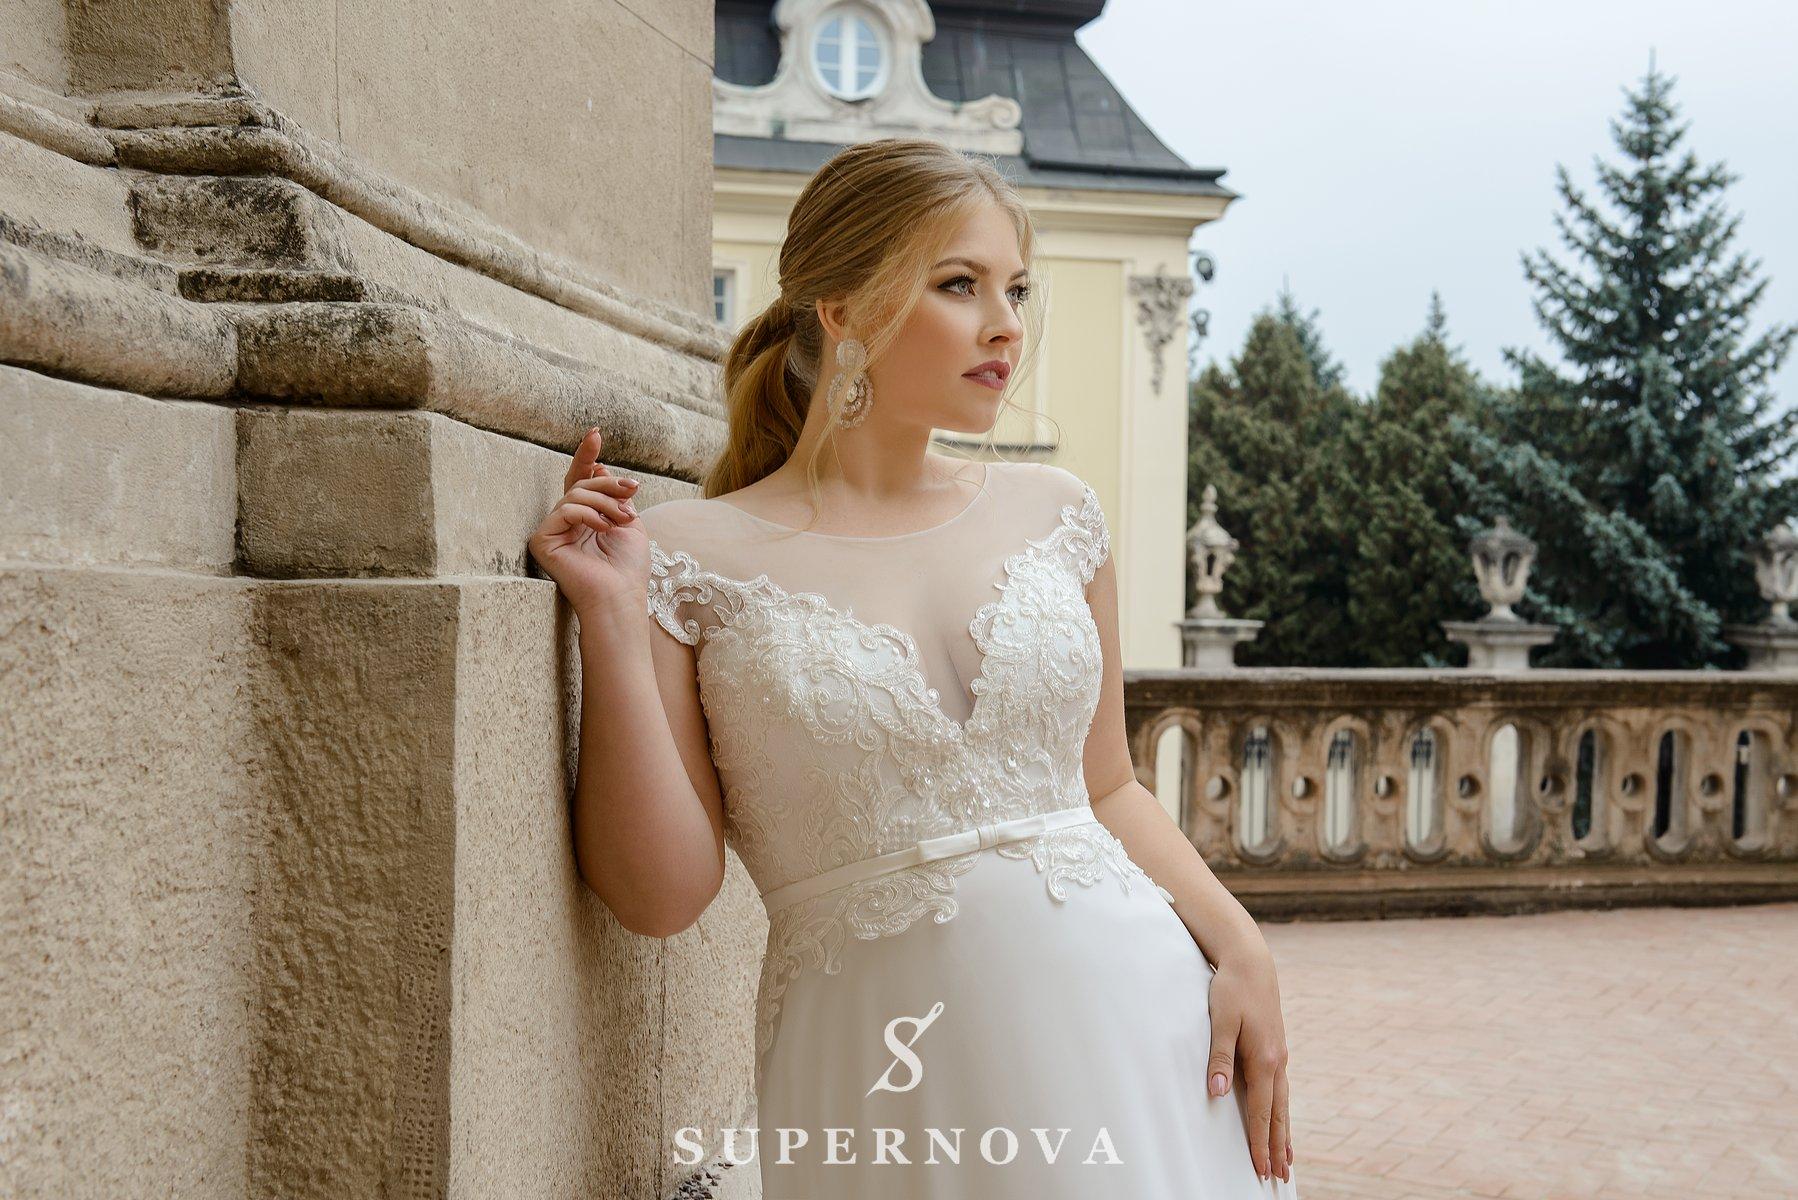 Прямое свадебное платье plus size оптом от SuperNova-1